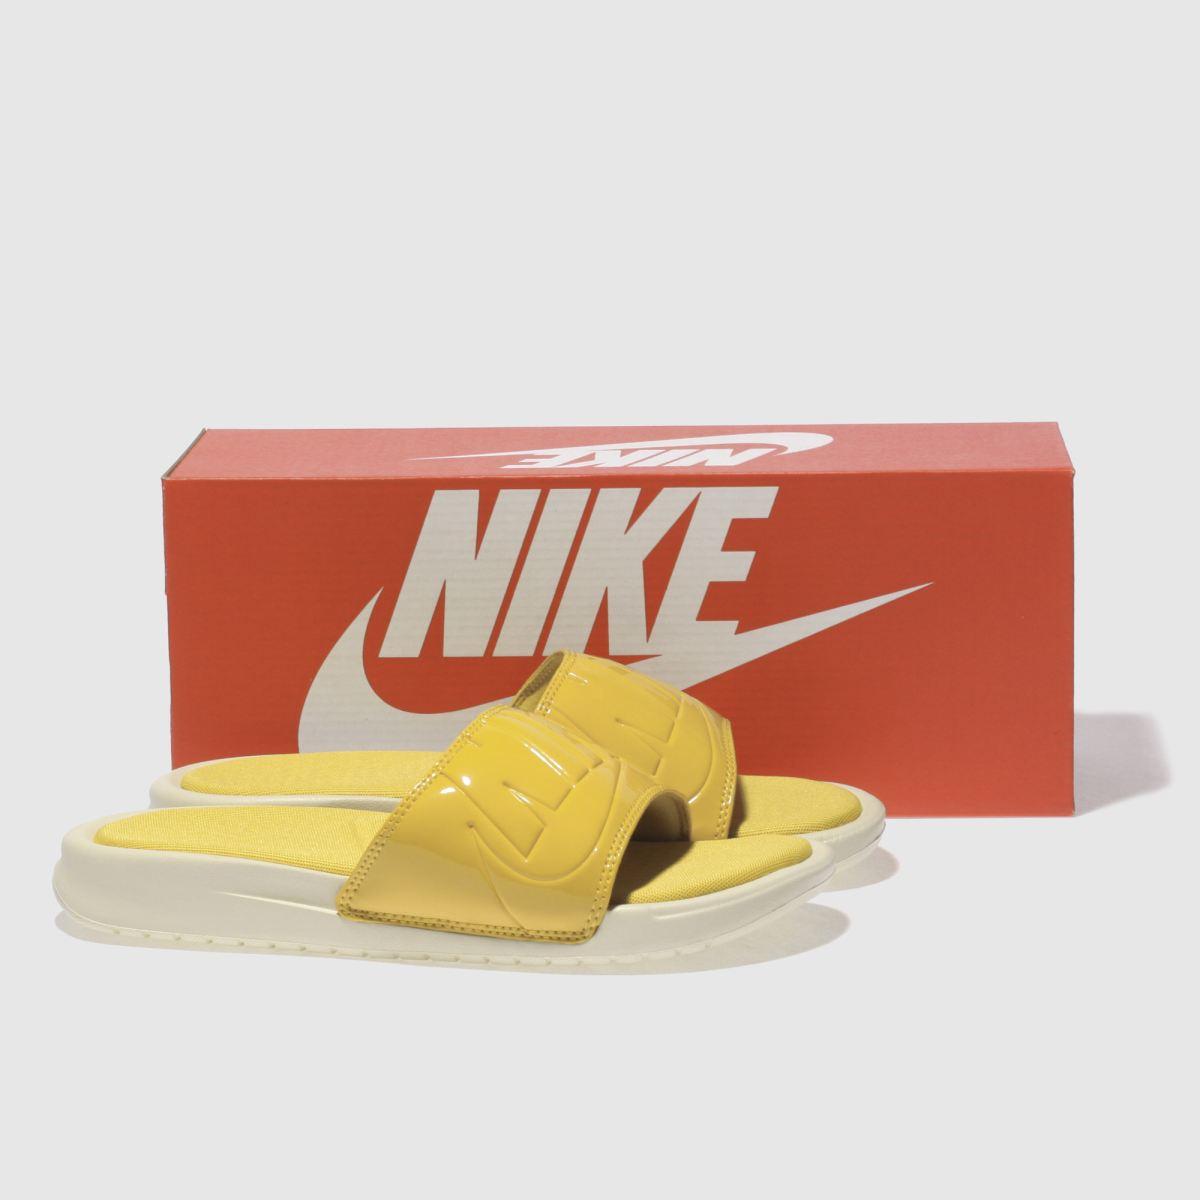 Damen Gelb nike Benassi Ultra schuh Lux Slide Sandalen | schuh Ultra Gute Qualität beliebte Schuhe 3f050a